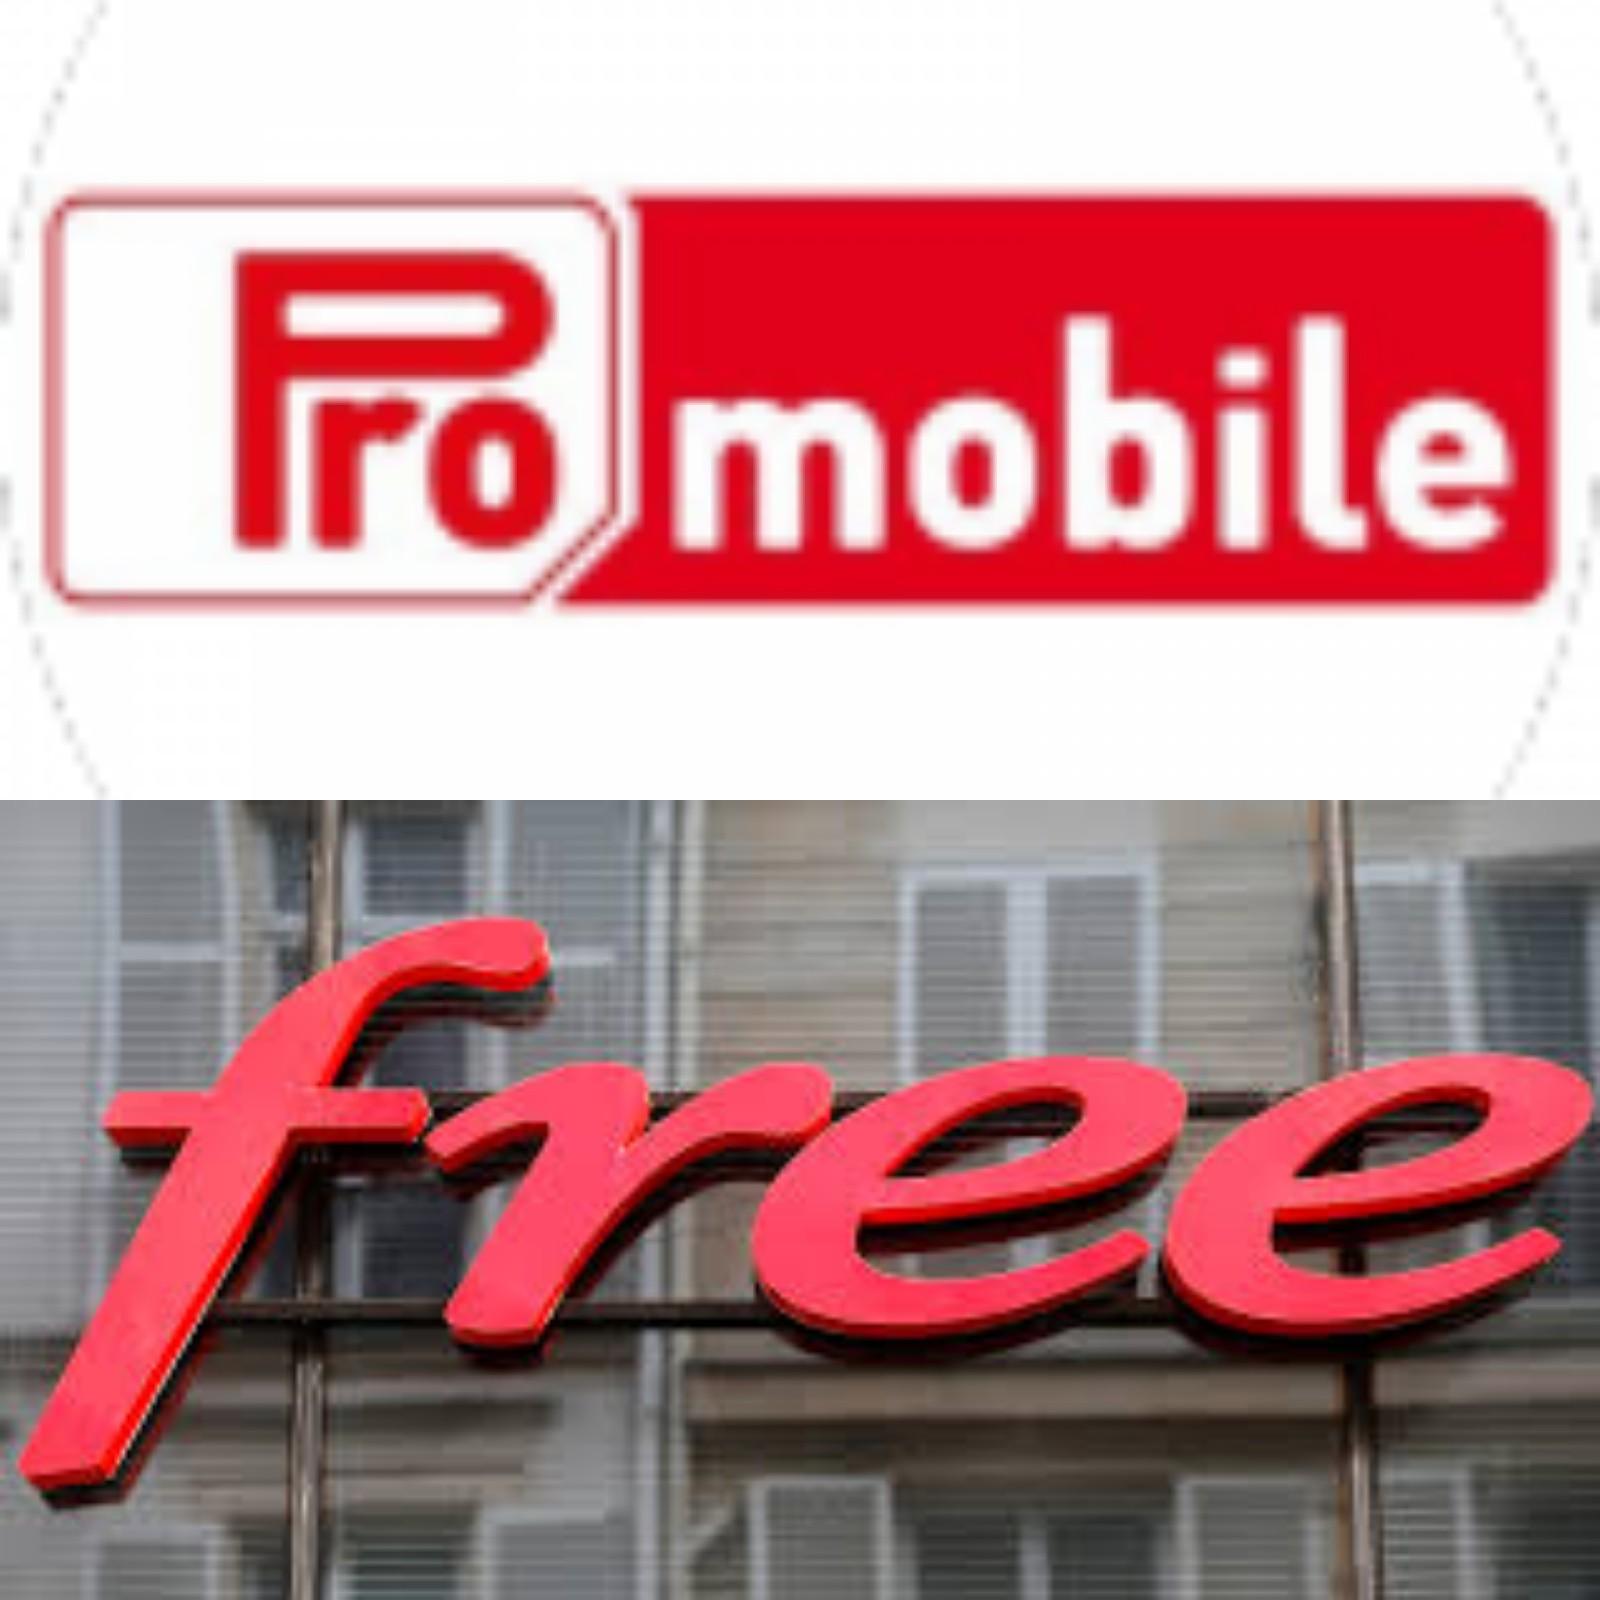 Guerre dans la téléphonie mobile : L'ARTP sabre Free au profit de Promobile...